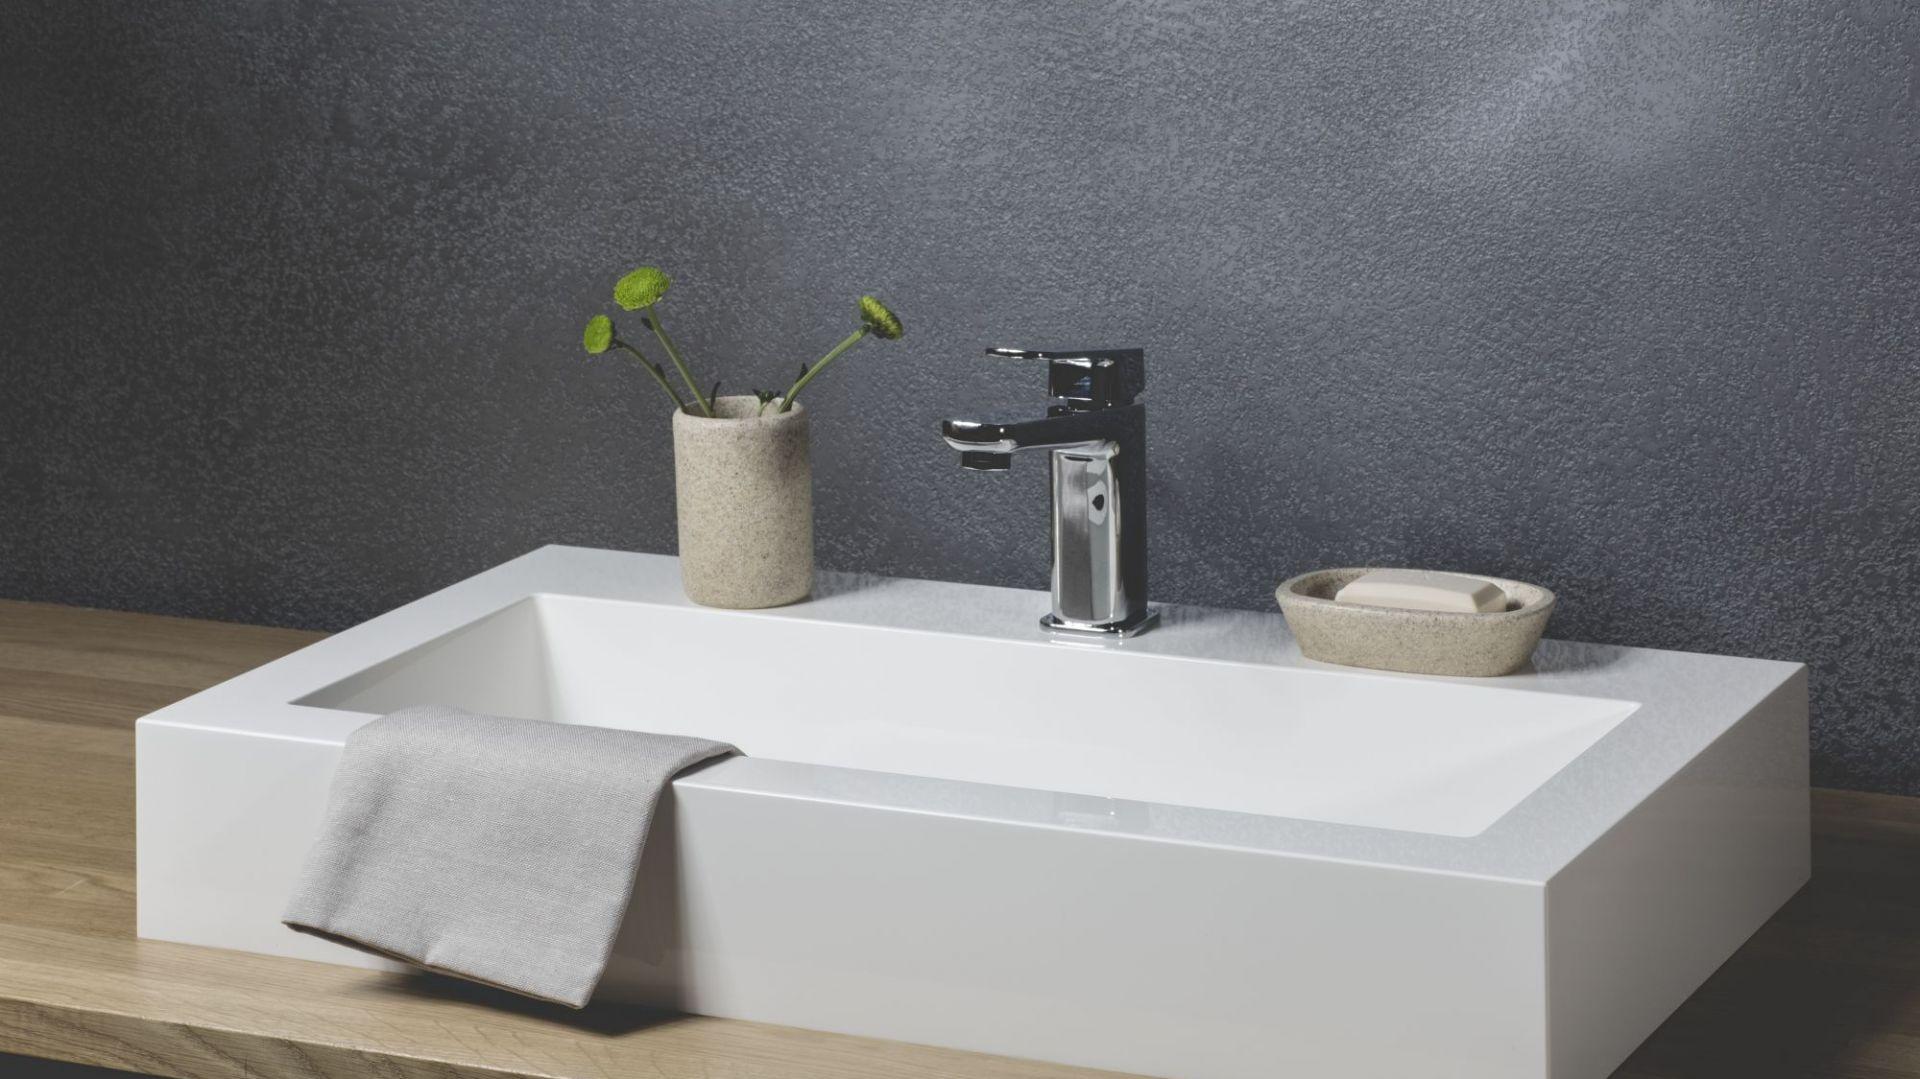 Aranżacja łazienki - umywalki z kompozytu. Fot. Kappala